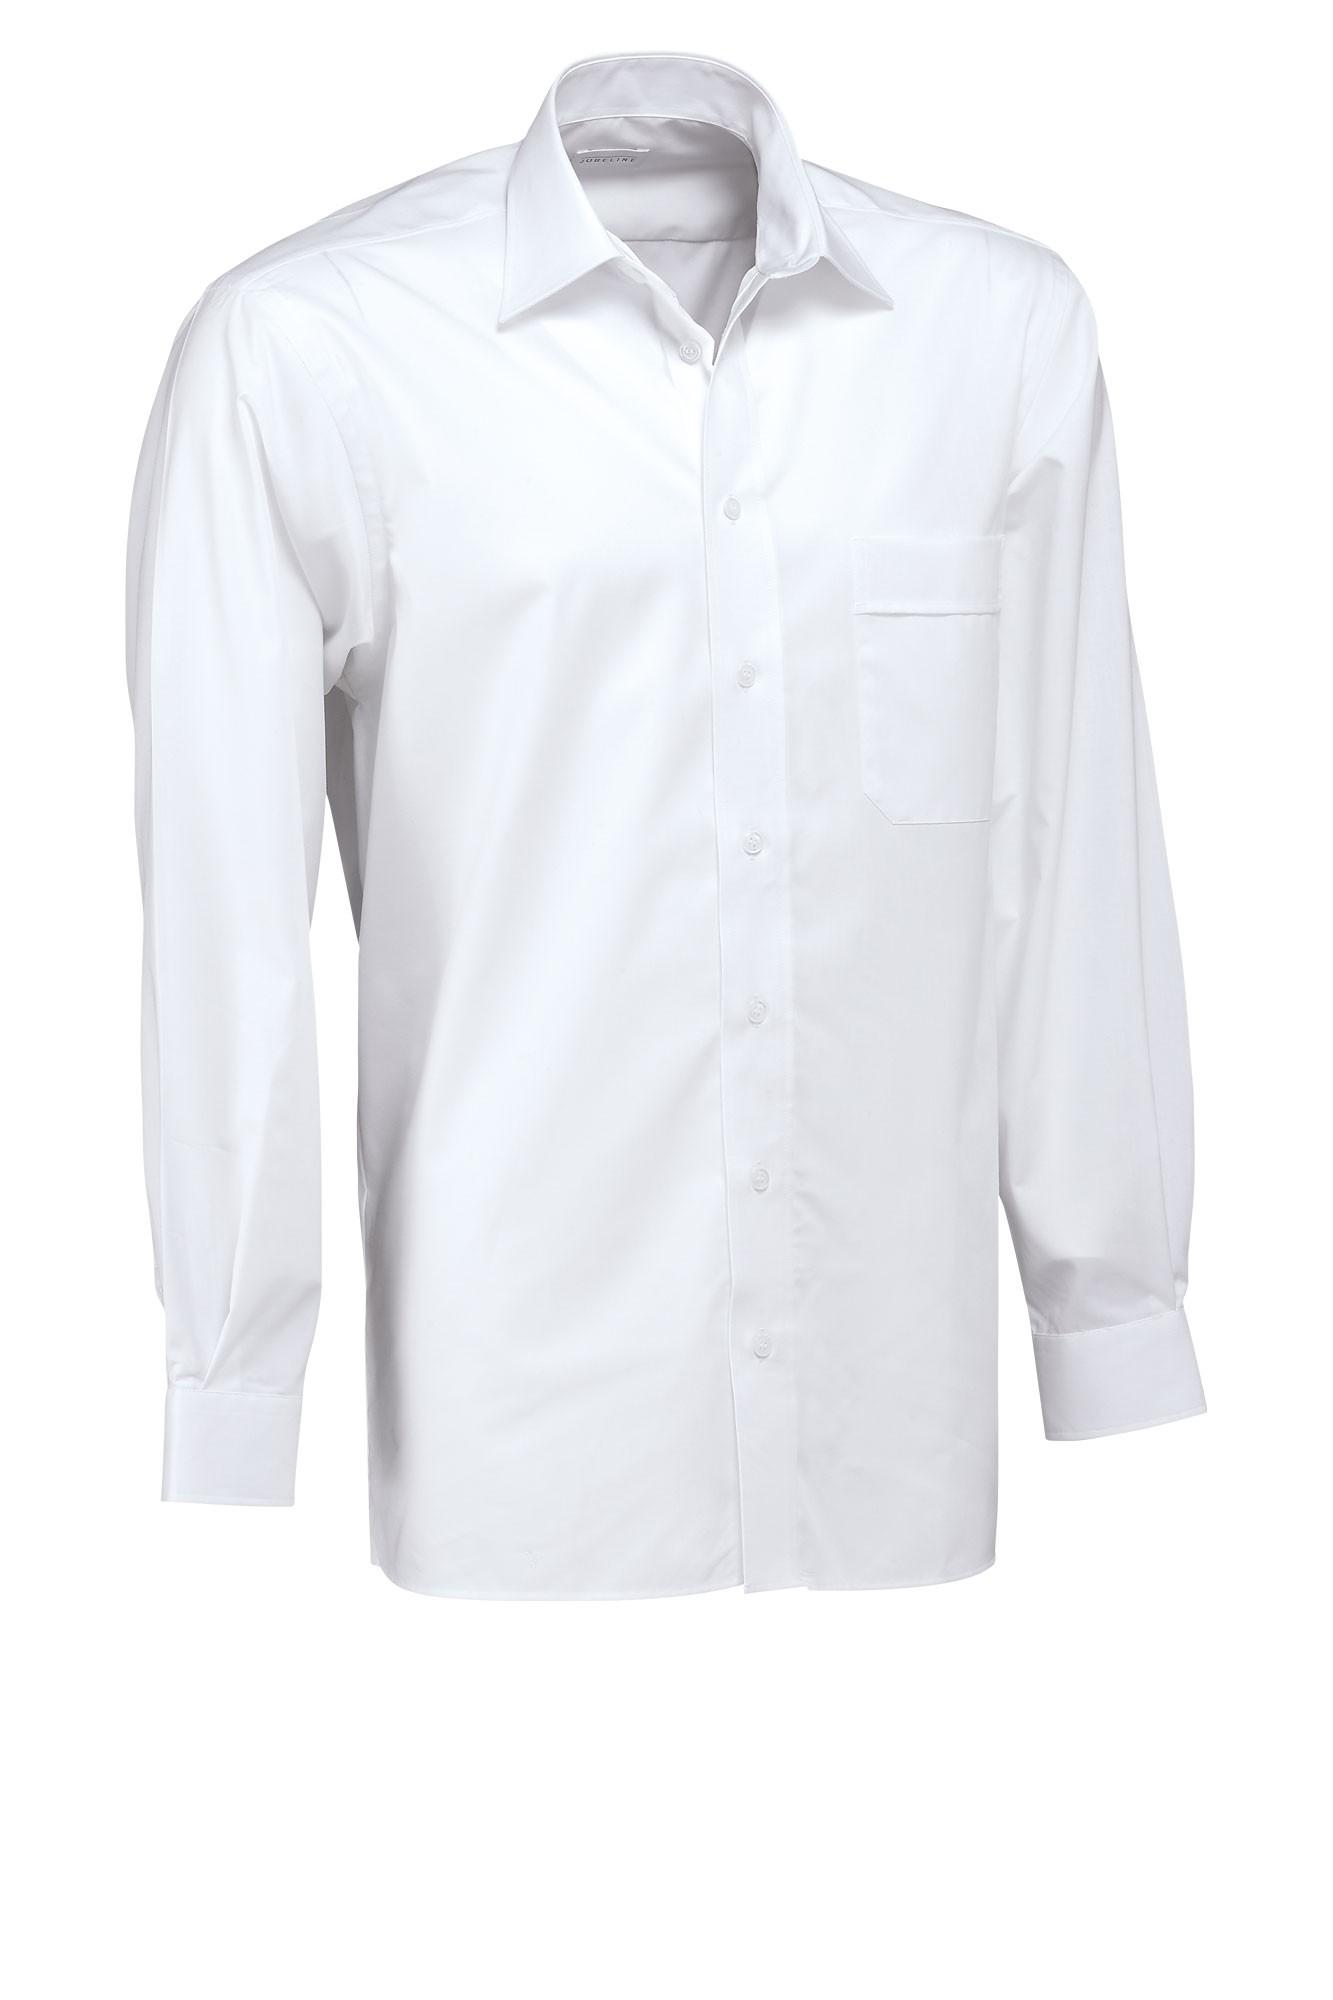 Pánská košile Marc - bílá/dlouhý rukáv